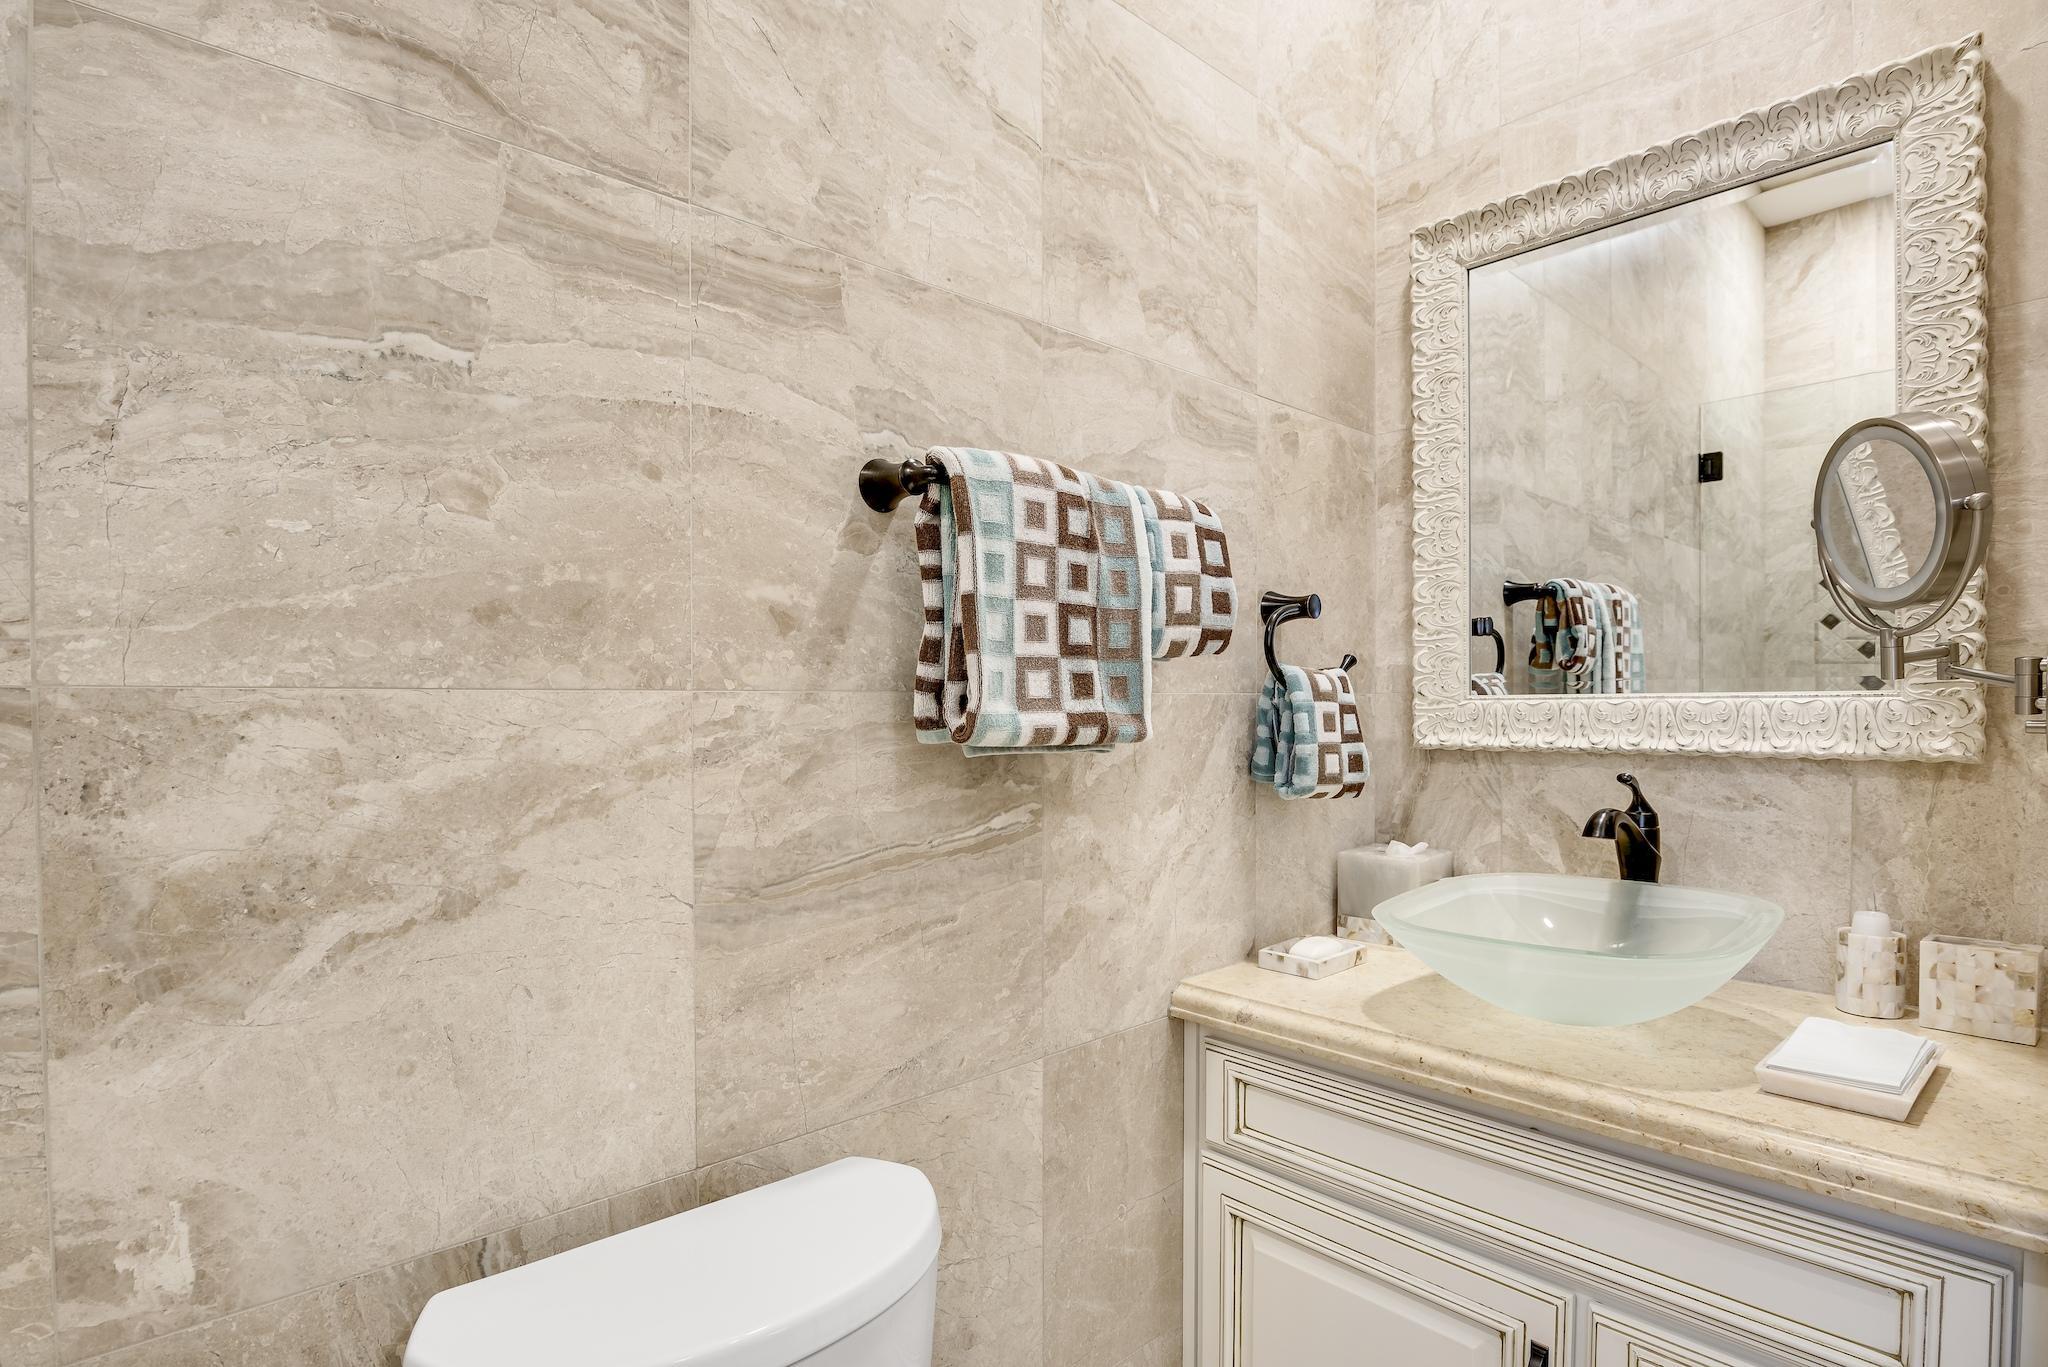 Additional Guest Bathroom